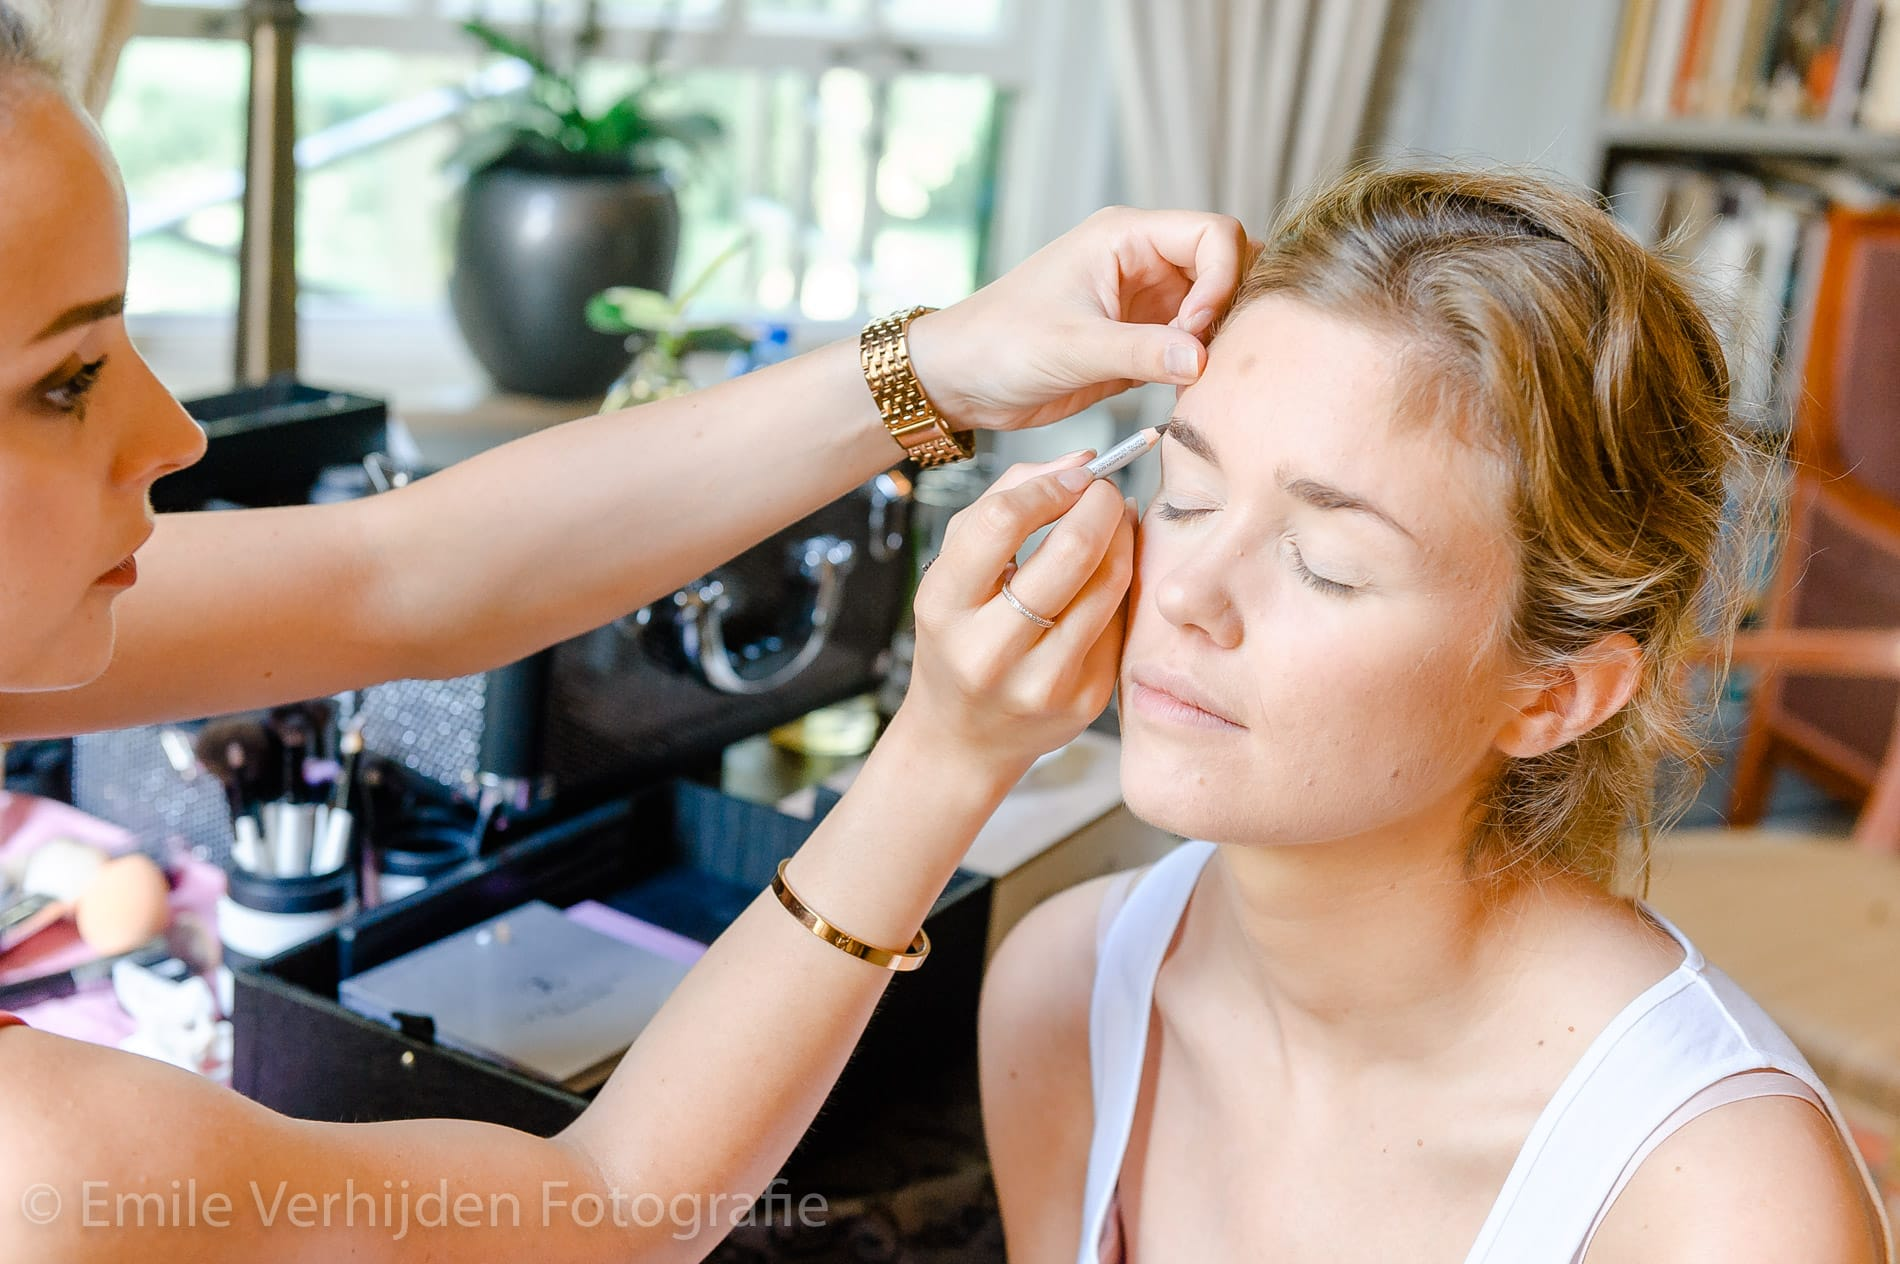 De make-up wordt aangebracht. Trouwfotograaf Limburg Emile Verhijden